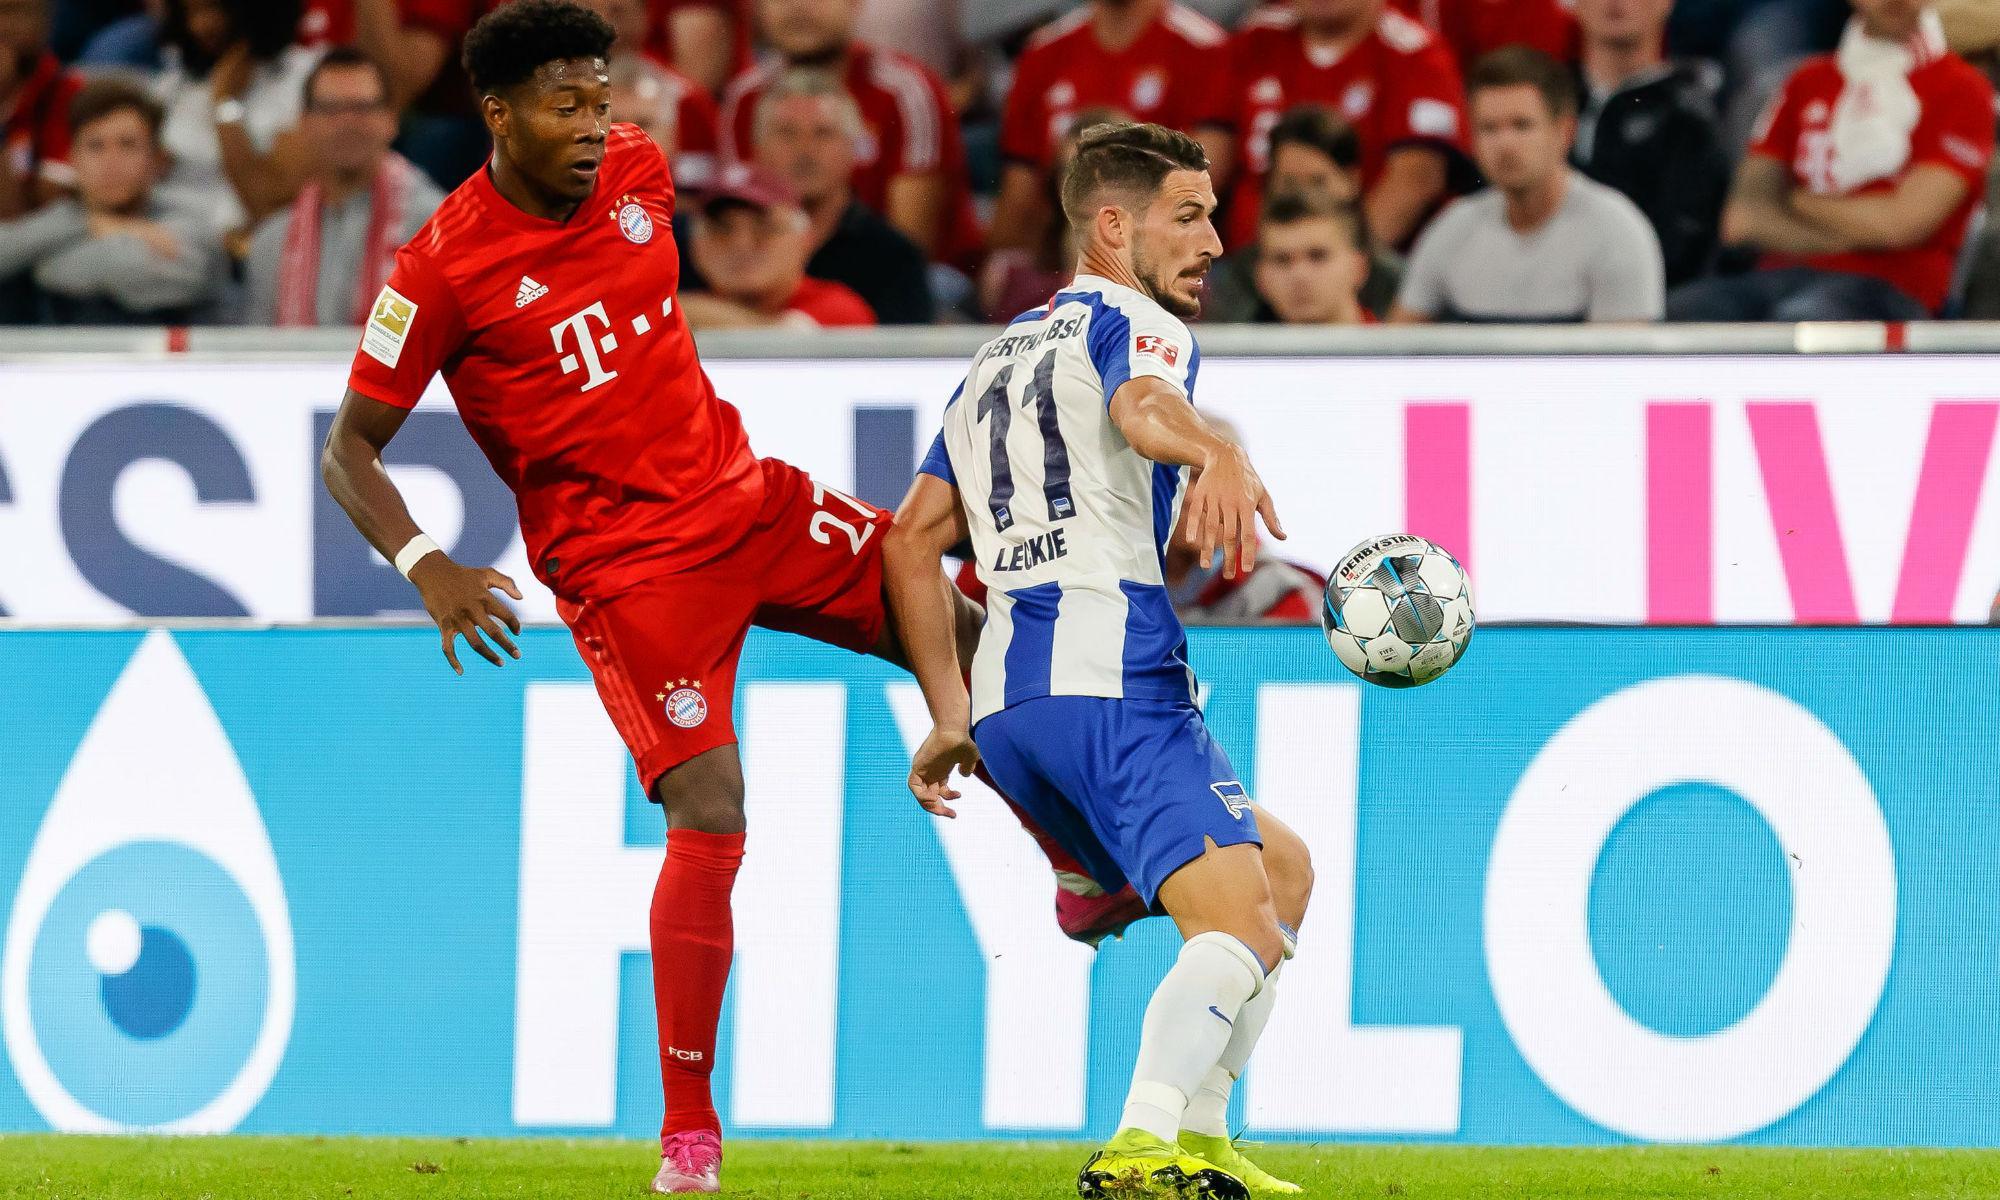 Mathew Leckie faces Bayern Munich